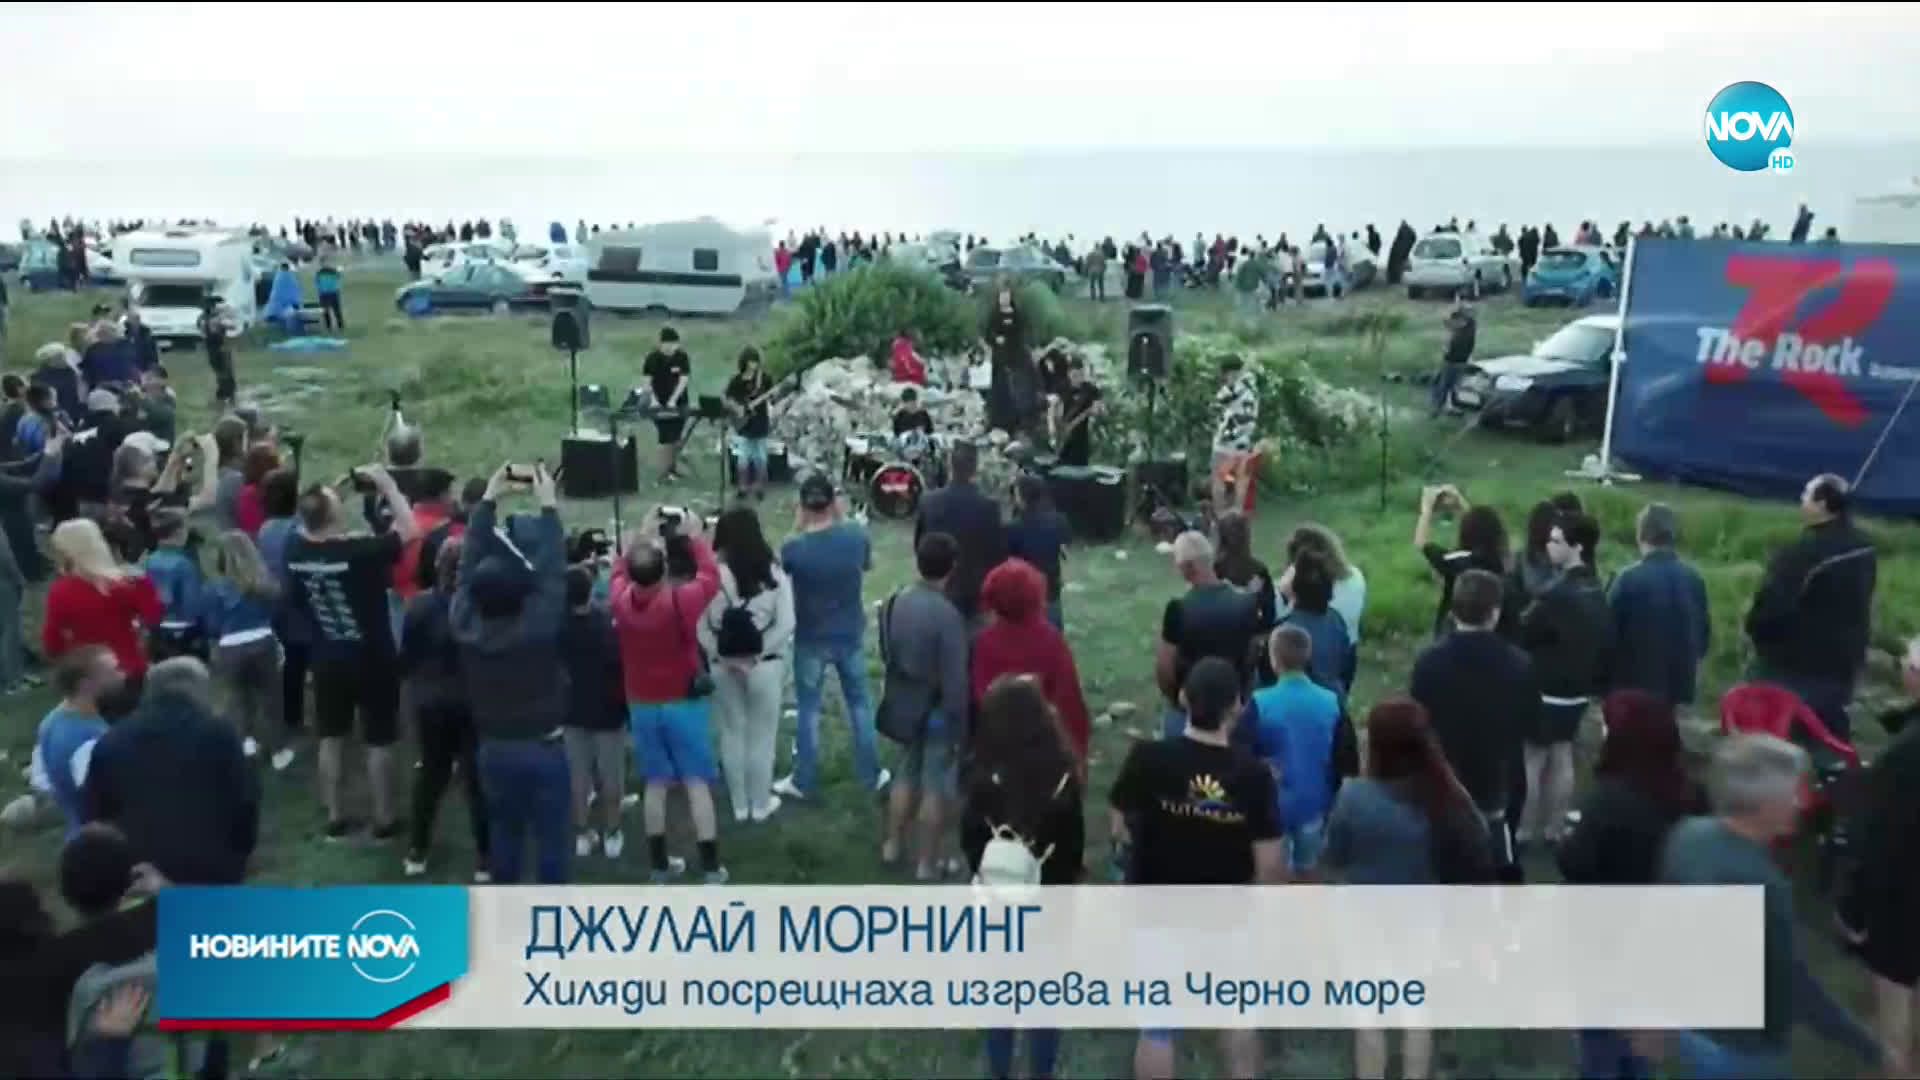 Стотици се събраха на Камен бряг за Джулая въпреки епидемията